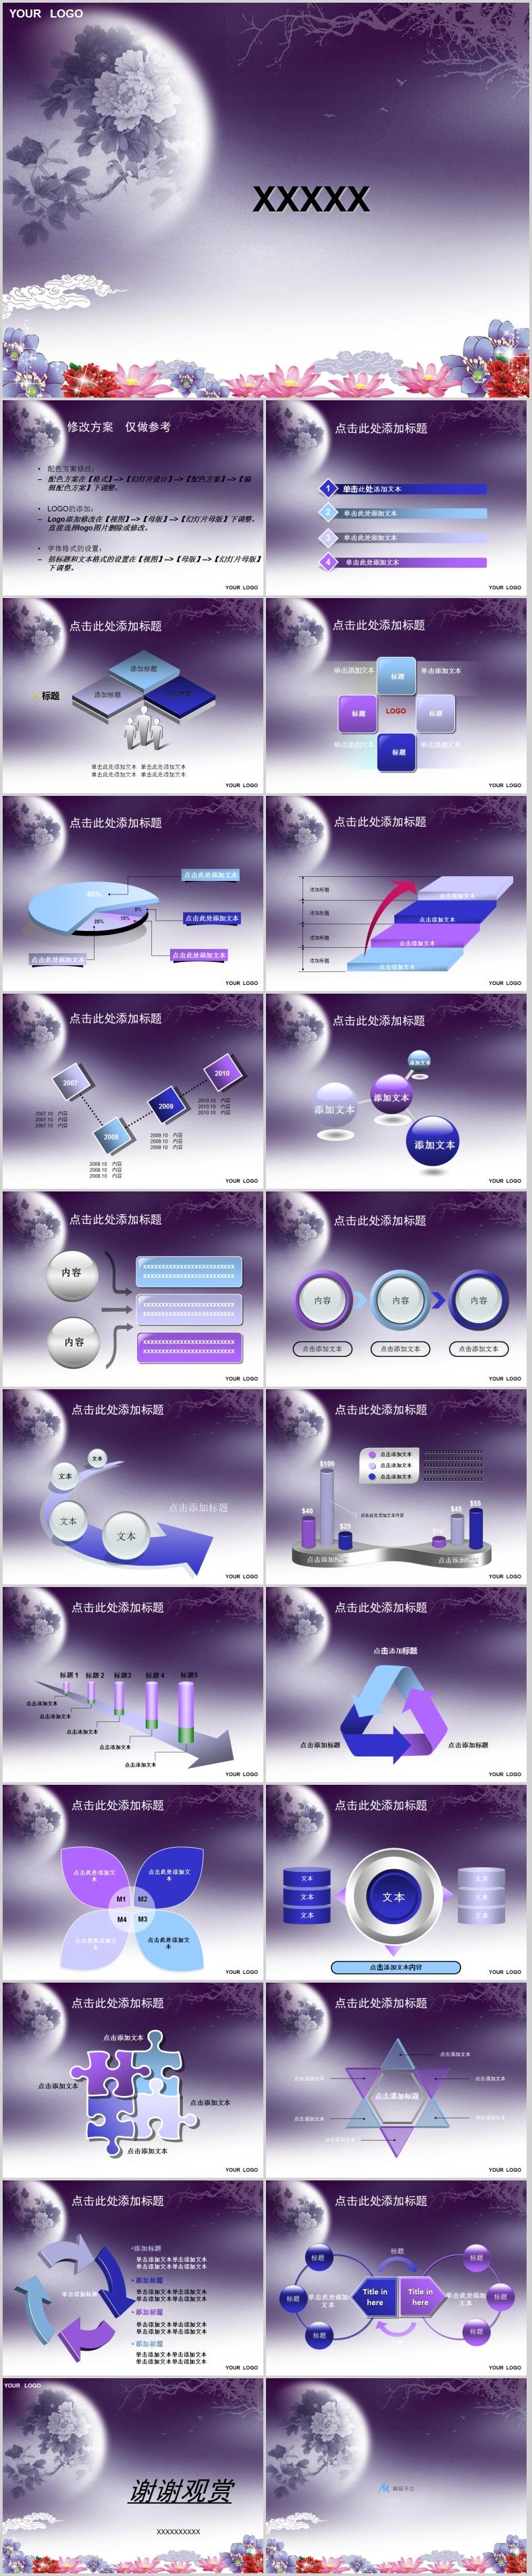 紫色梦幻中秋风格企业文案介绍PPT模板